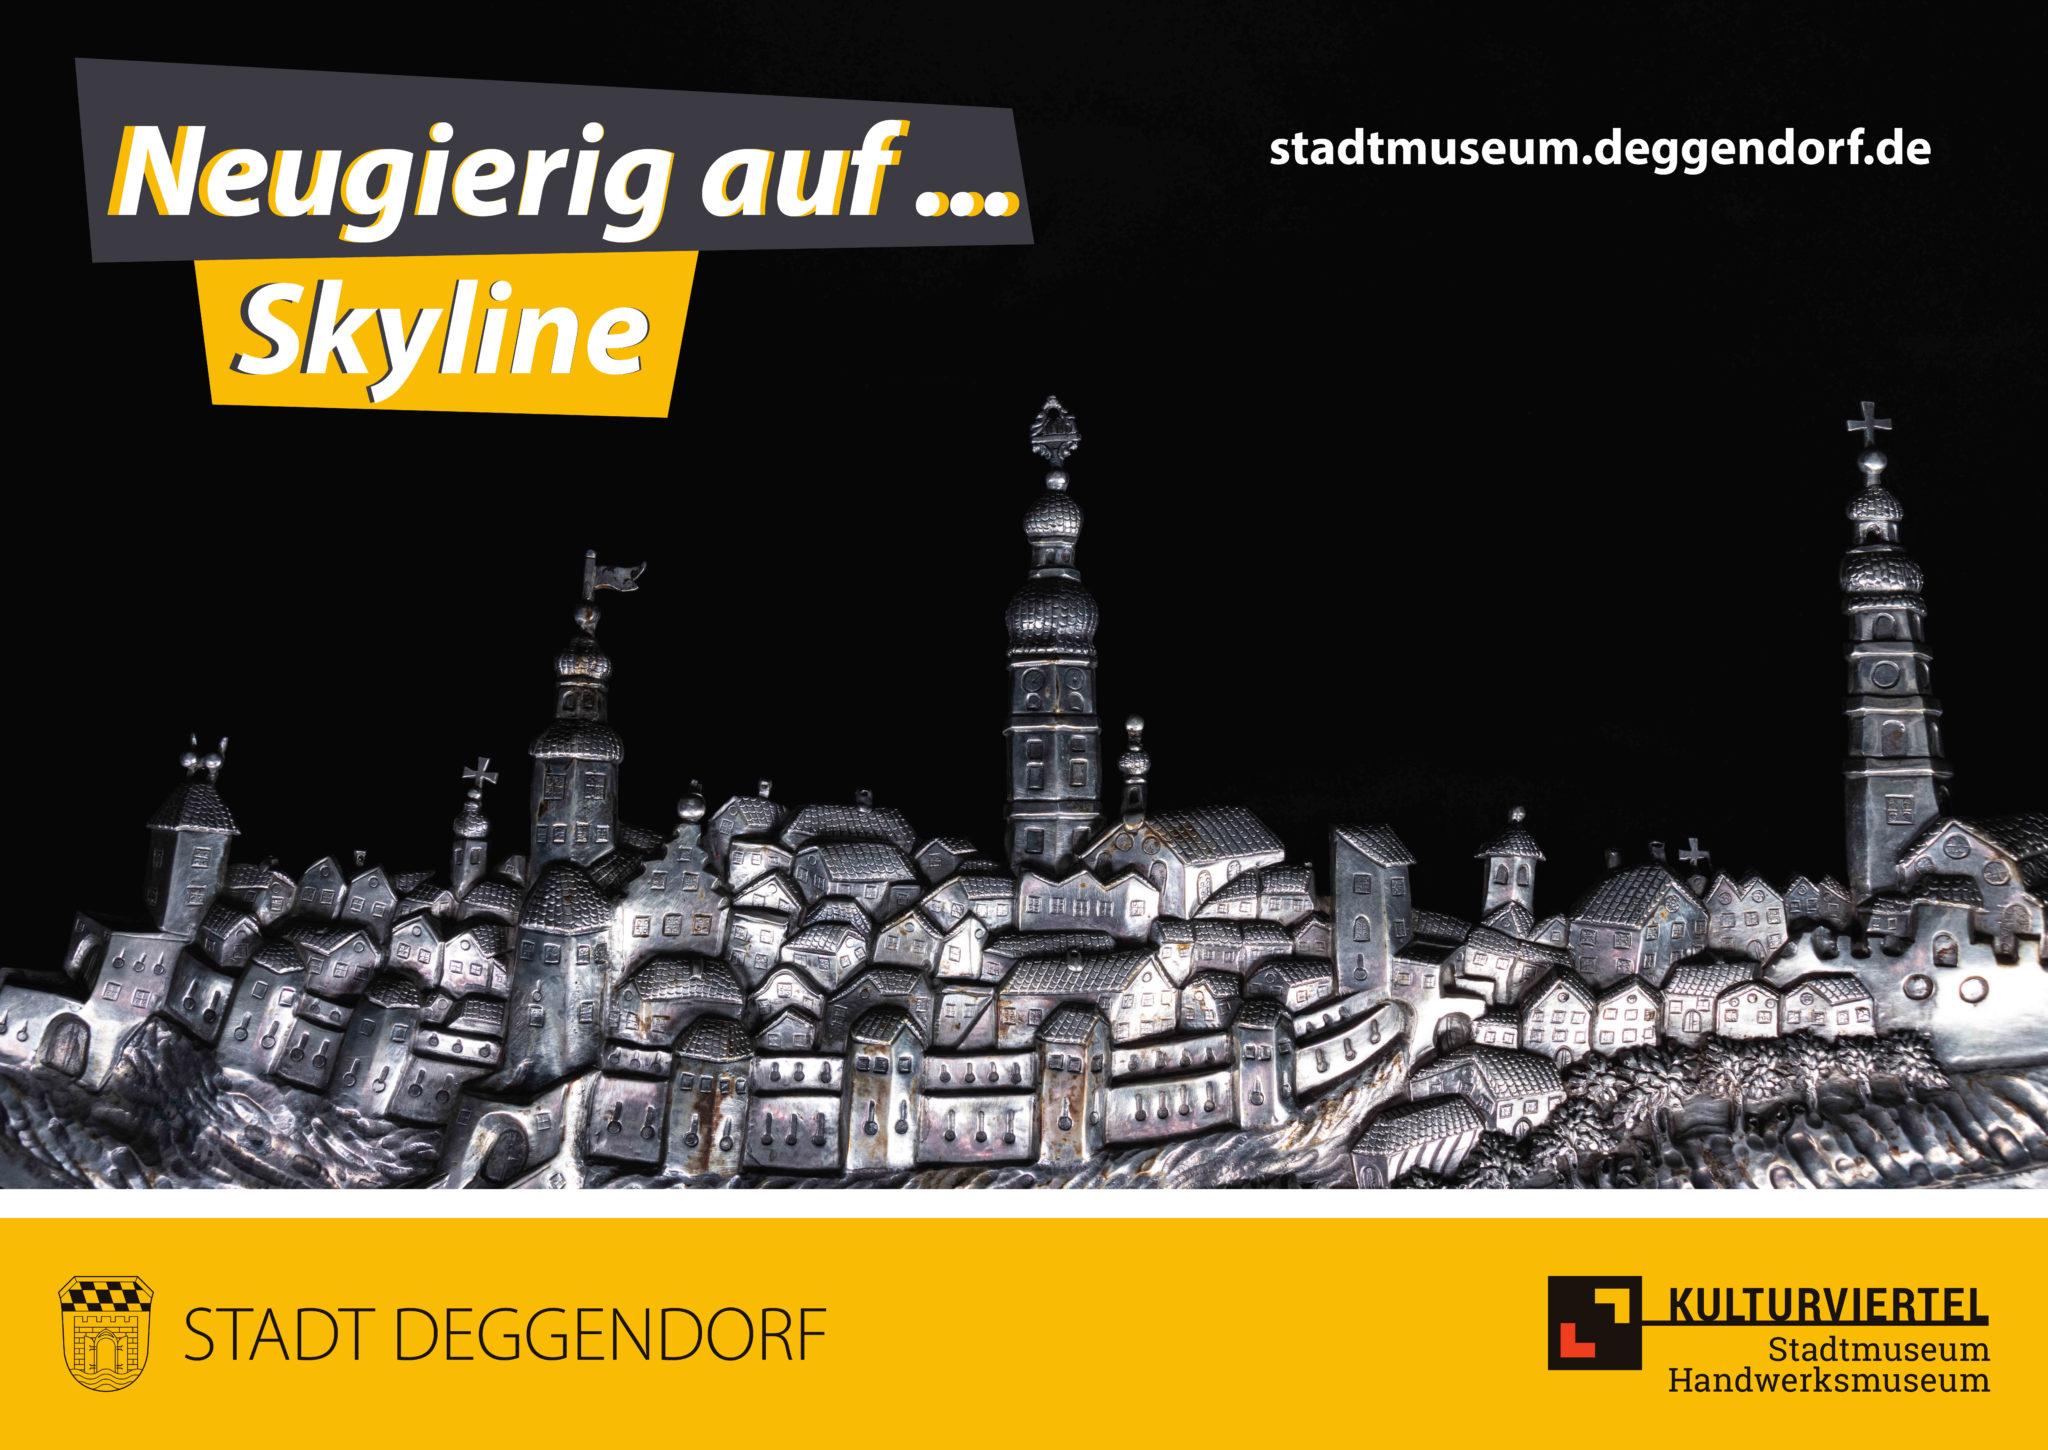 Neugierig auf Skyline: Nahaufnahme eines Silberreliefs mit der Stadtansicht von Deggendorf aus dem 18. Jahrhundert